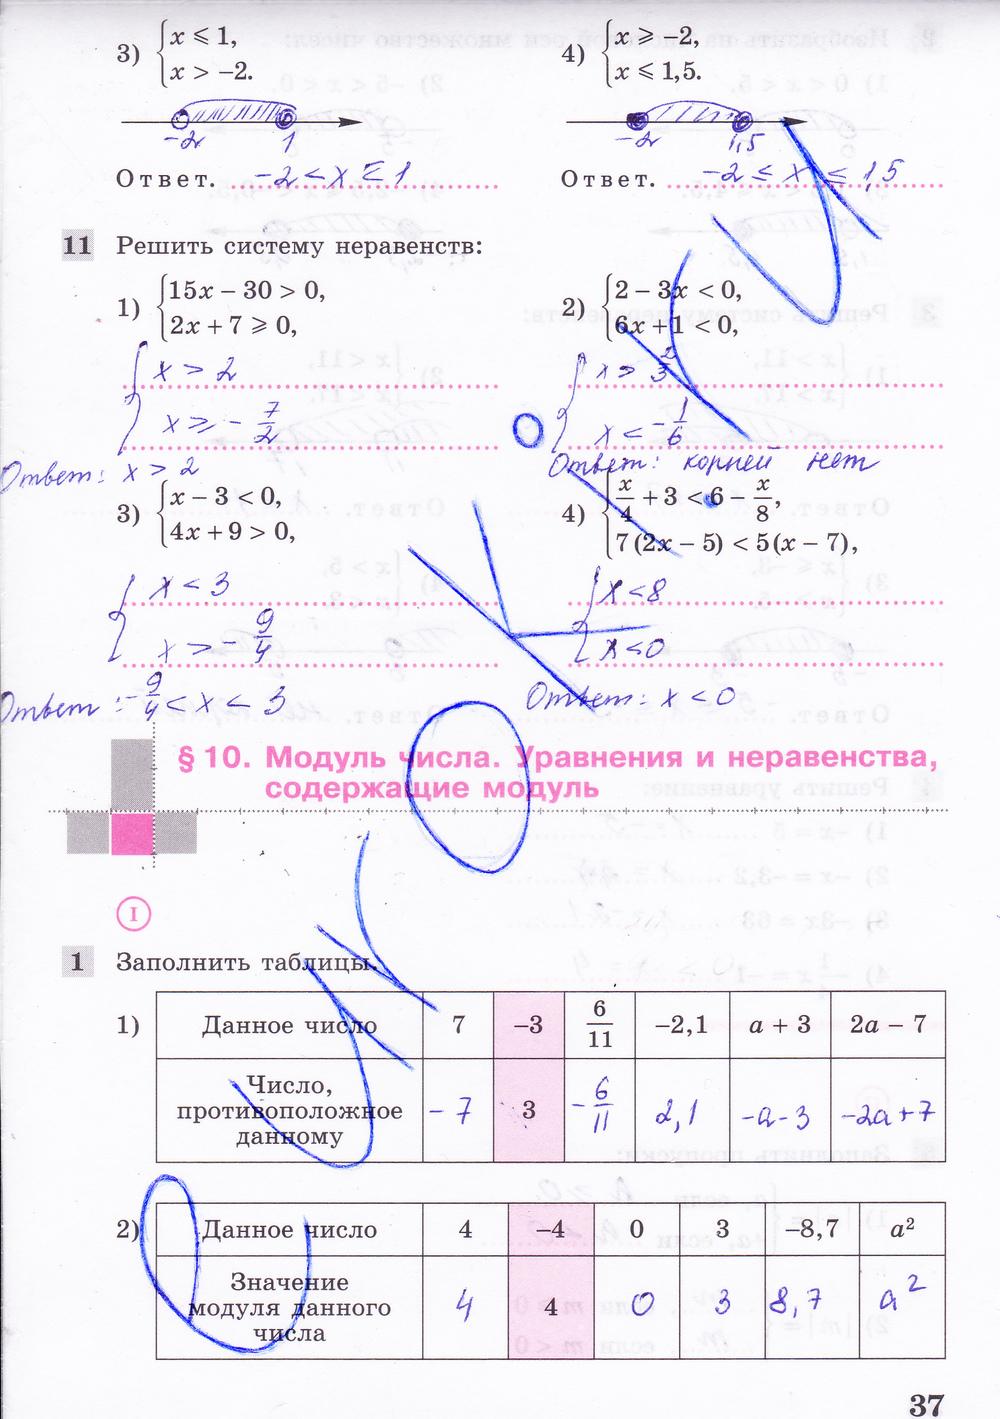 алгебре колягин просвещение гдз по класс 7